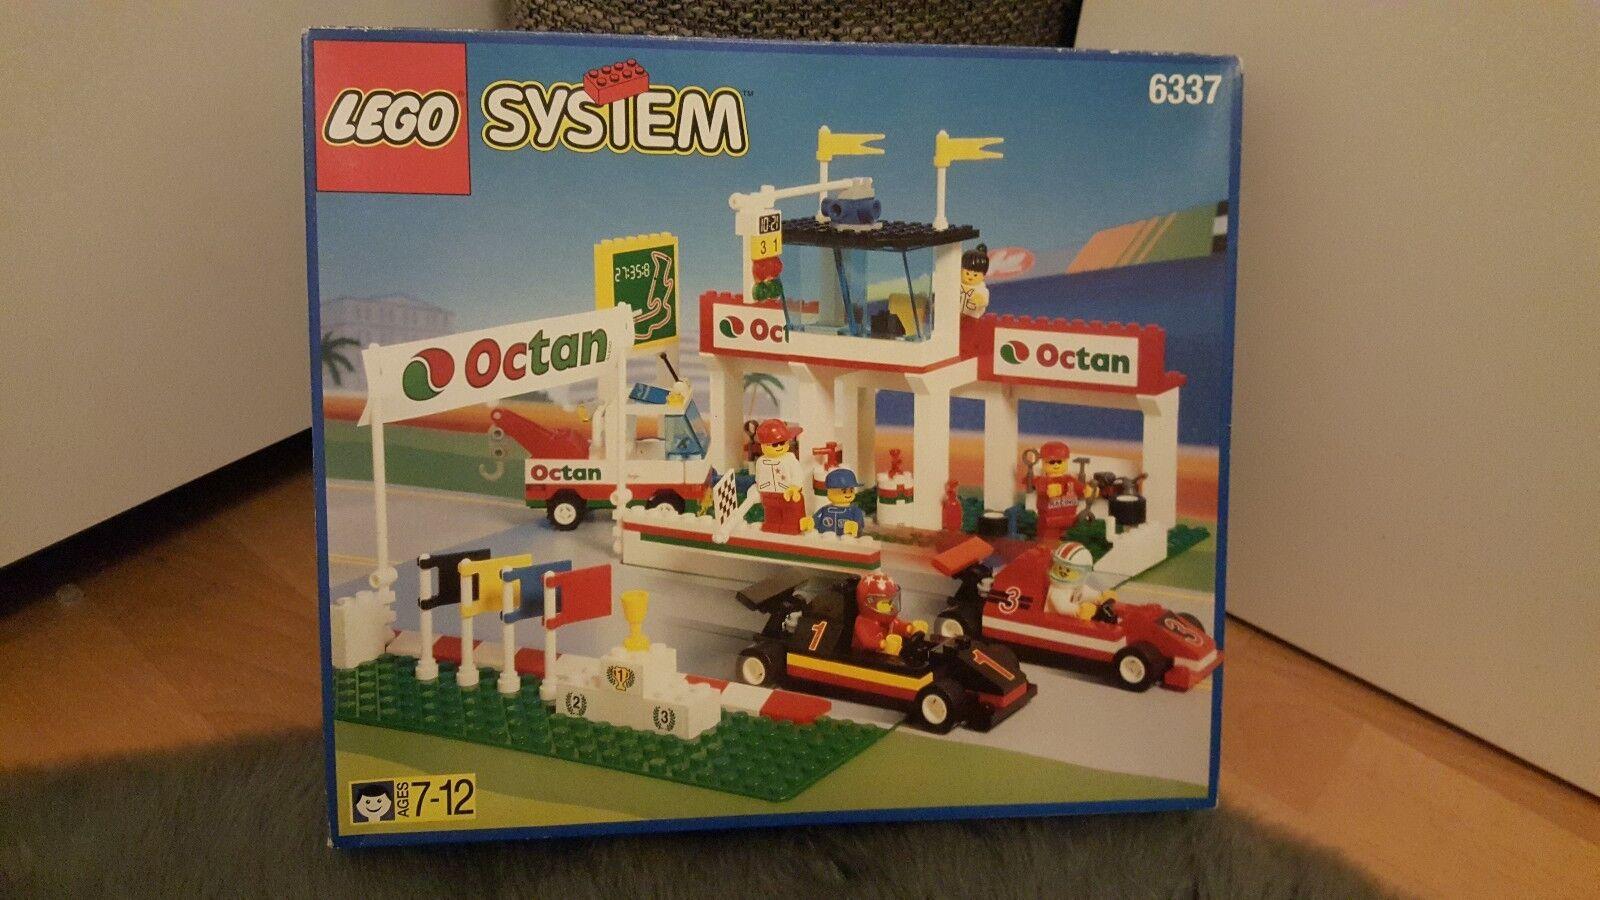 La paix est une bénédiction bénédiction bénédiction de fruit Lego System 6337 98fbc6